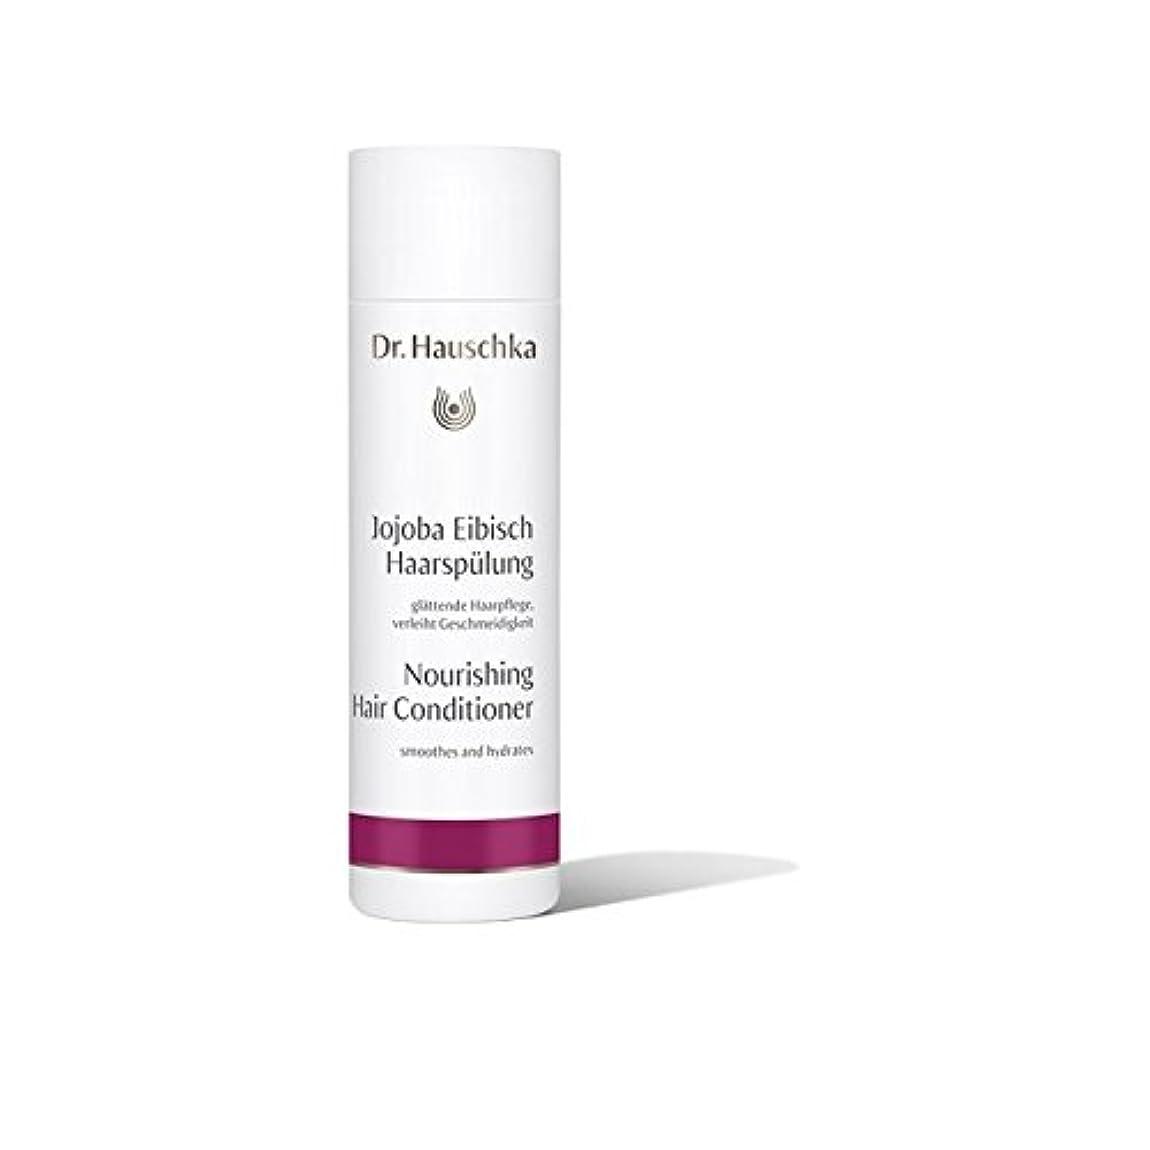 ウェブ分類私たち自身ハウシュカ栄養ヘアコンディショナー(200ミリリットル) x4 - Dr. Hauschka Nourishing Hair Conditioner (200ml) (Pack of 4) [並行輸入品]